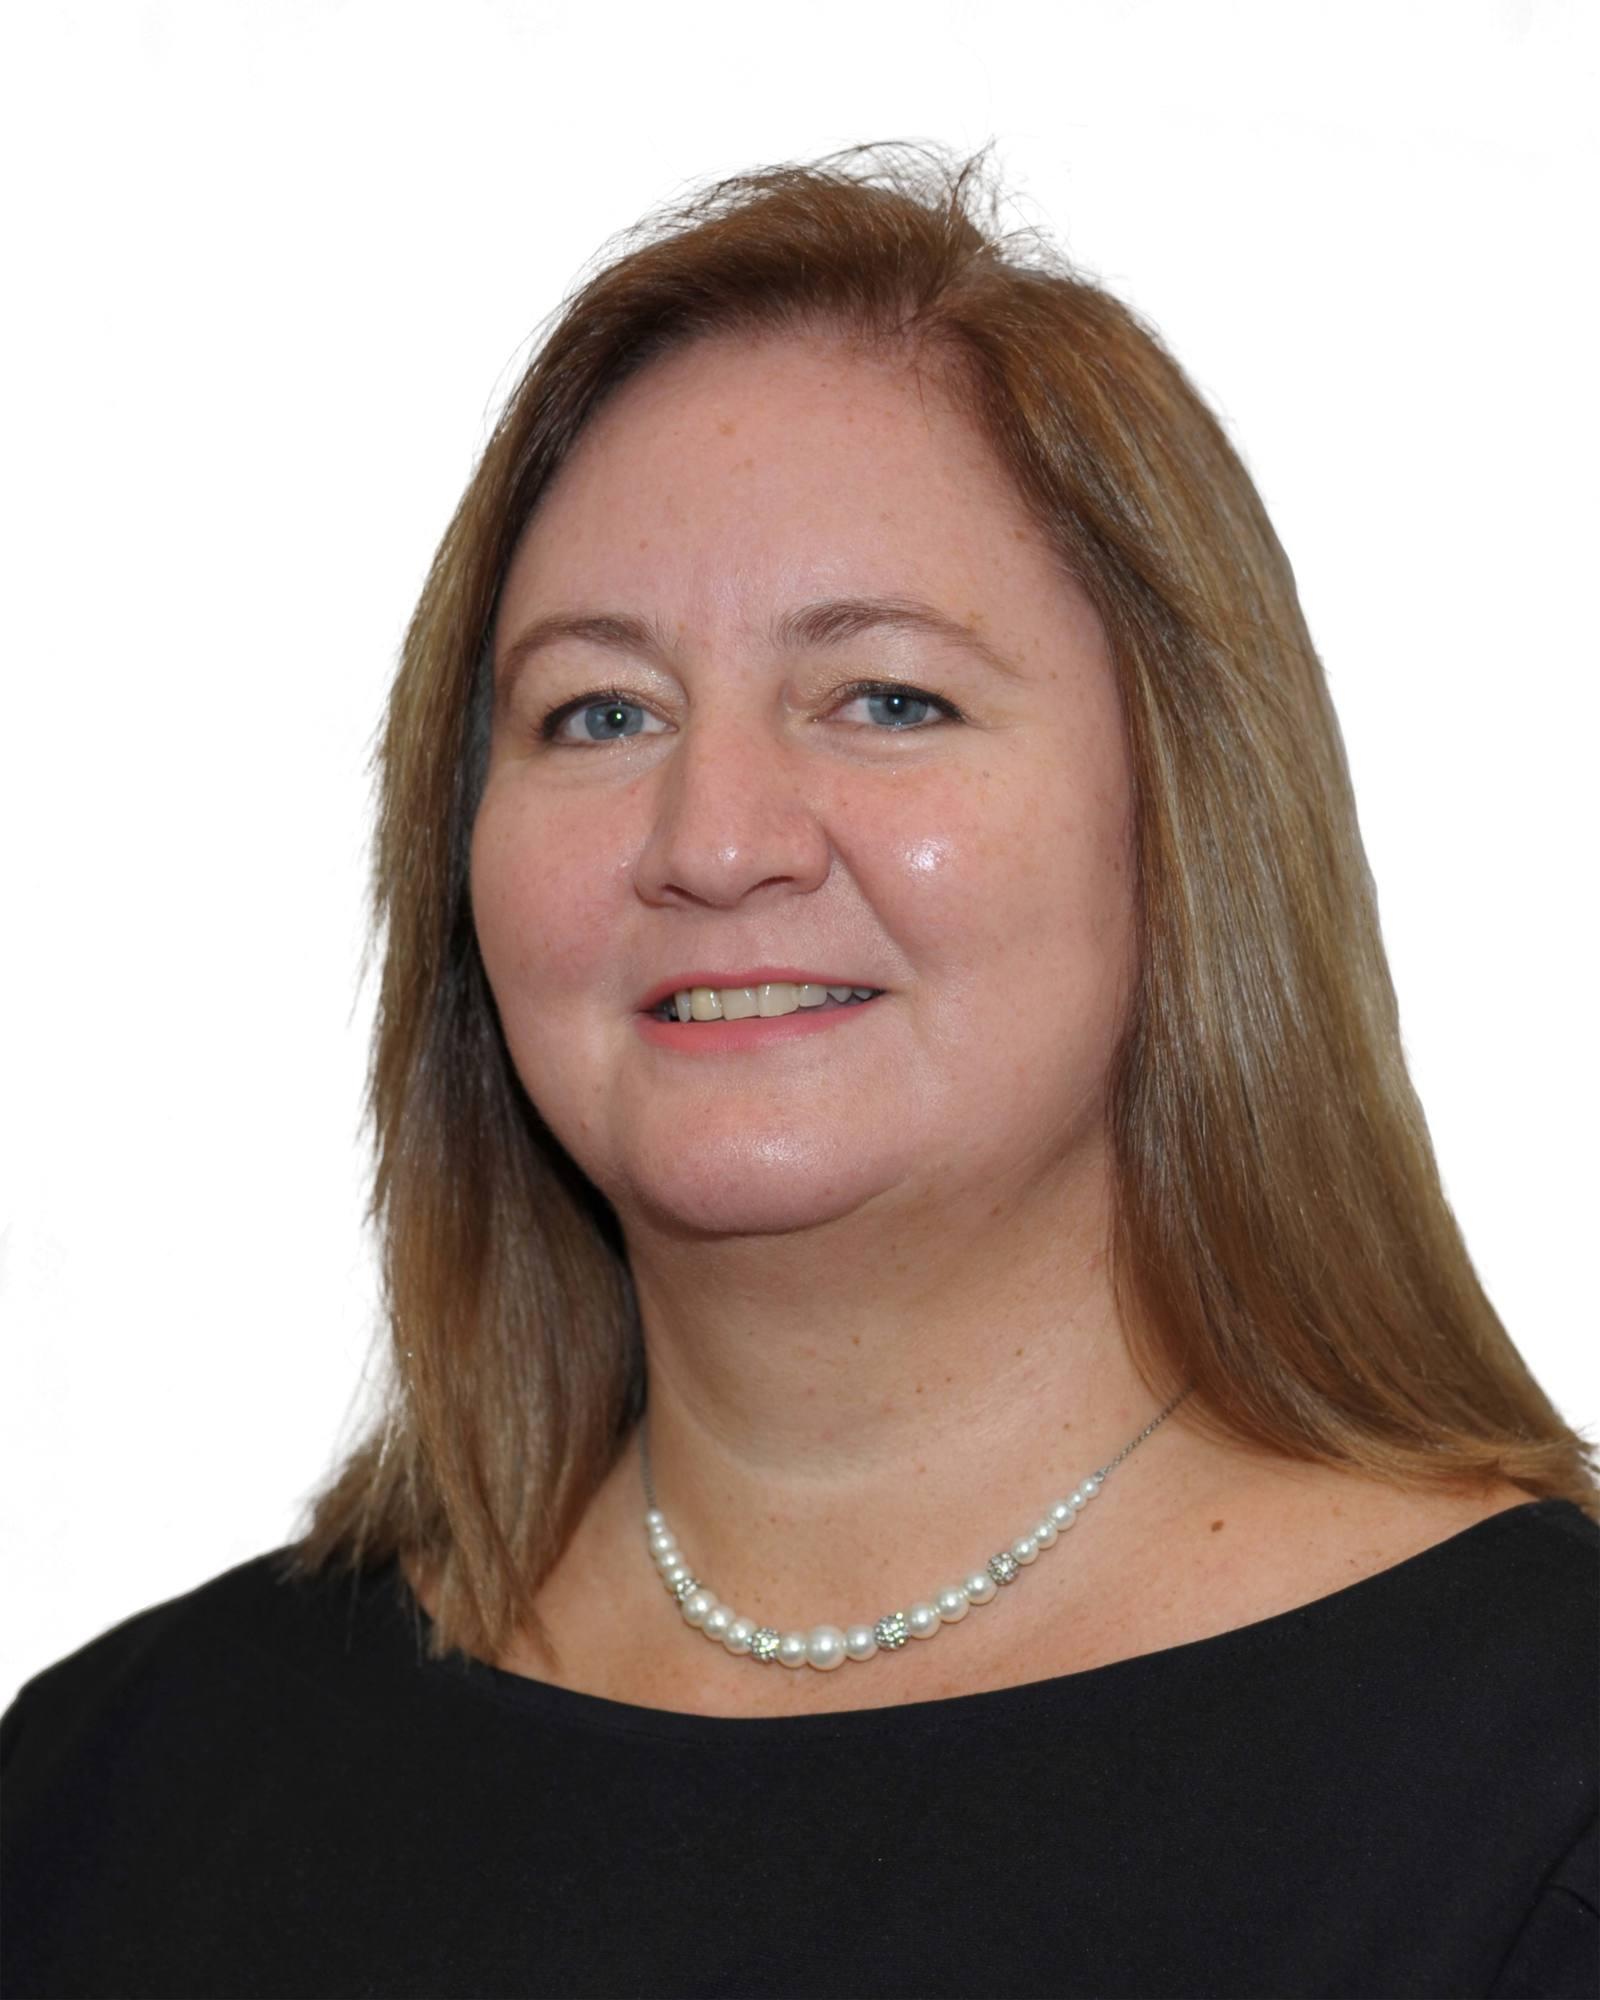 Aileen Boyle